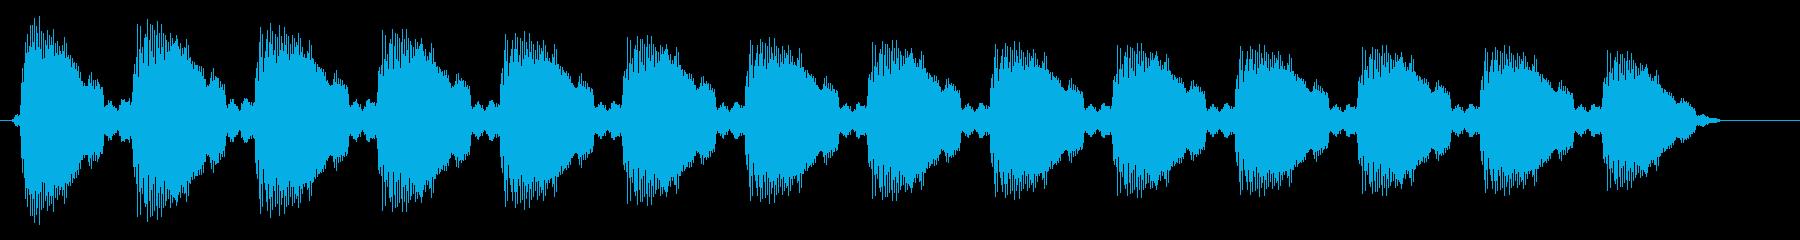 キレのある音が連続する効果音の再生済みの波形